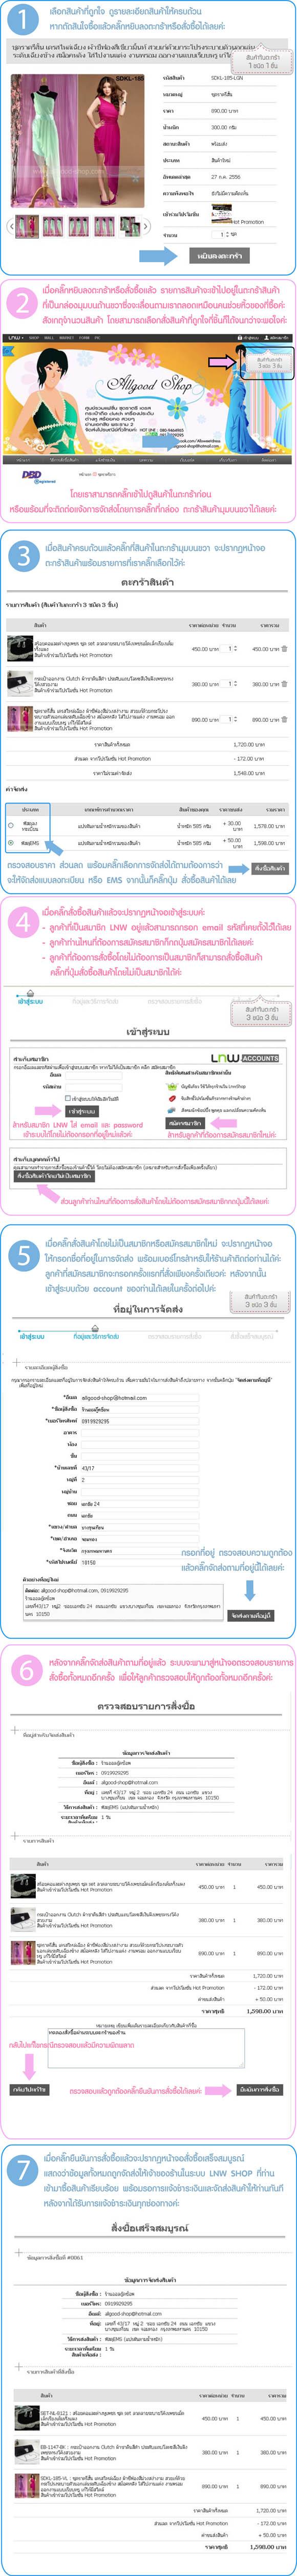 ภาพอธิบายวิธีการสั่งซื้อสินค้าผ่านระบบตะกร้าของ www.allgood-shop.com